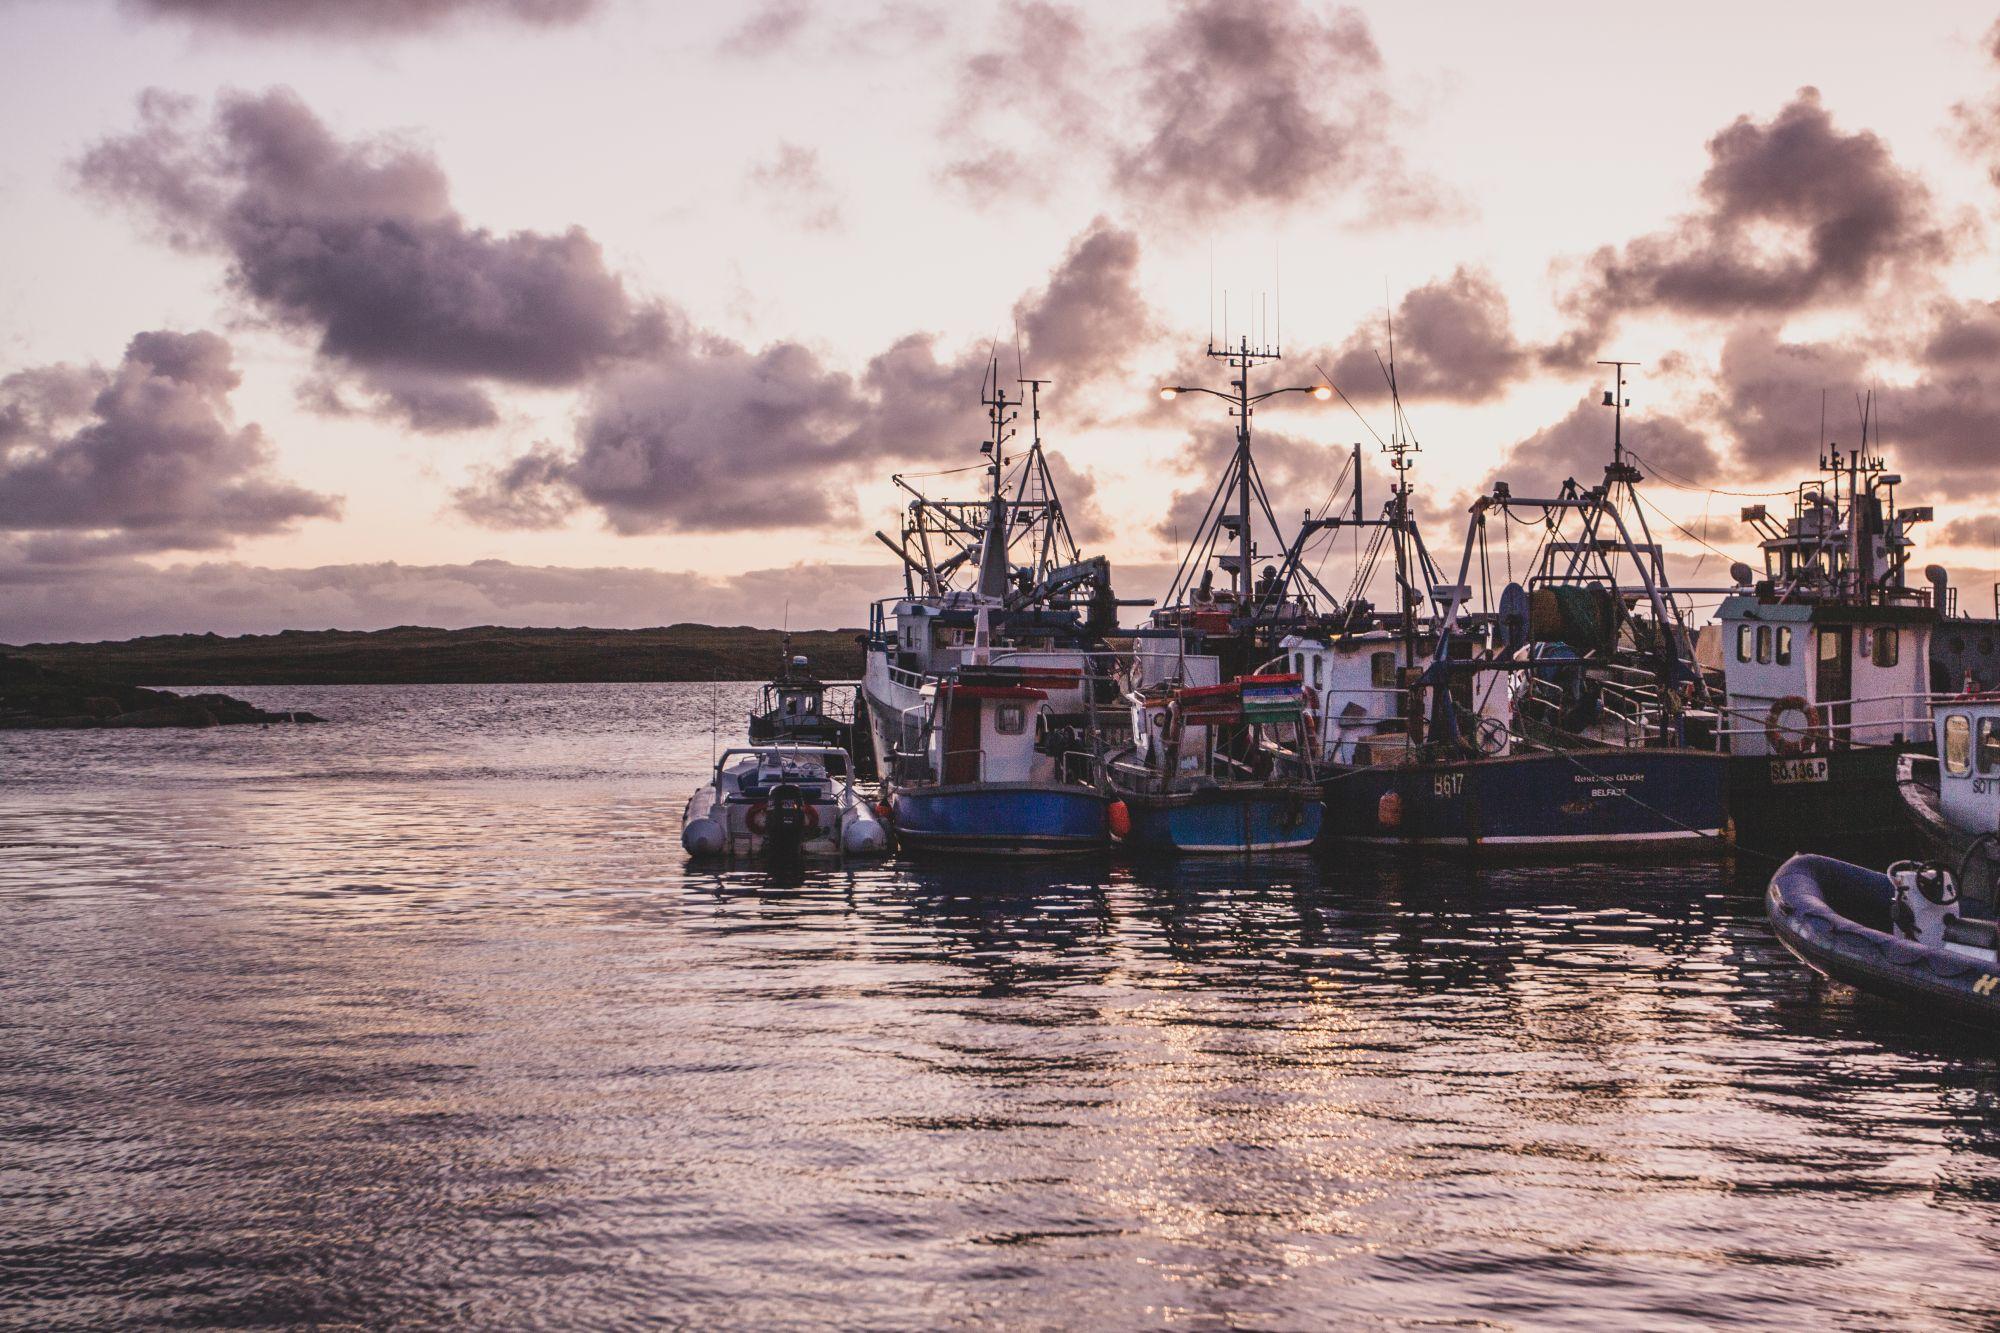 Les îles en Irlande : Arranmore dans le Donegal